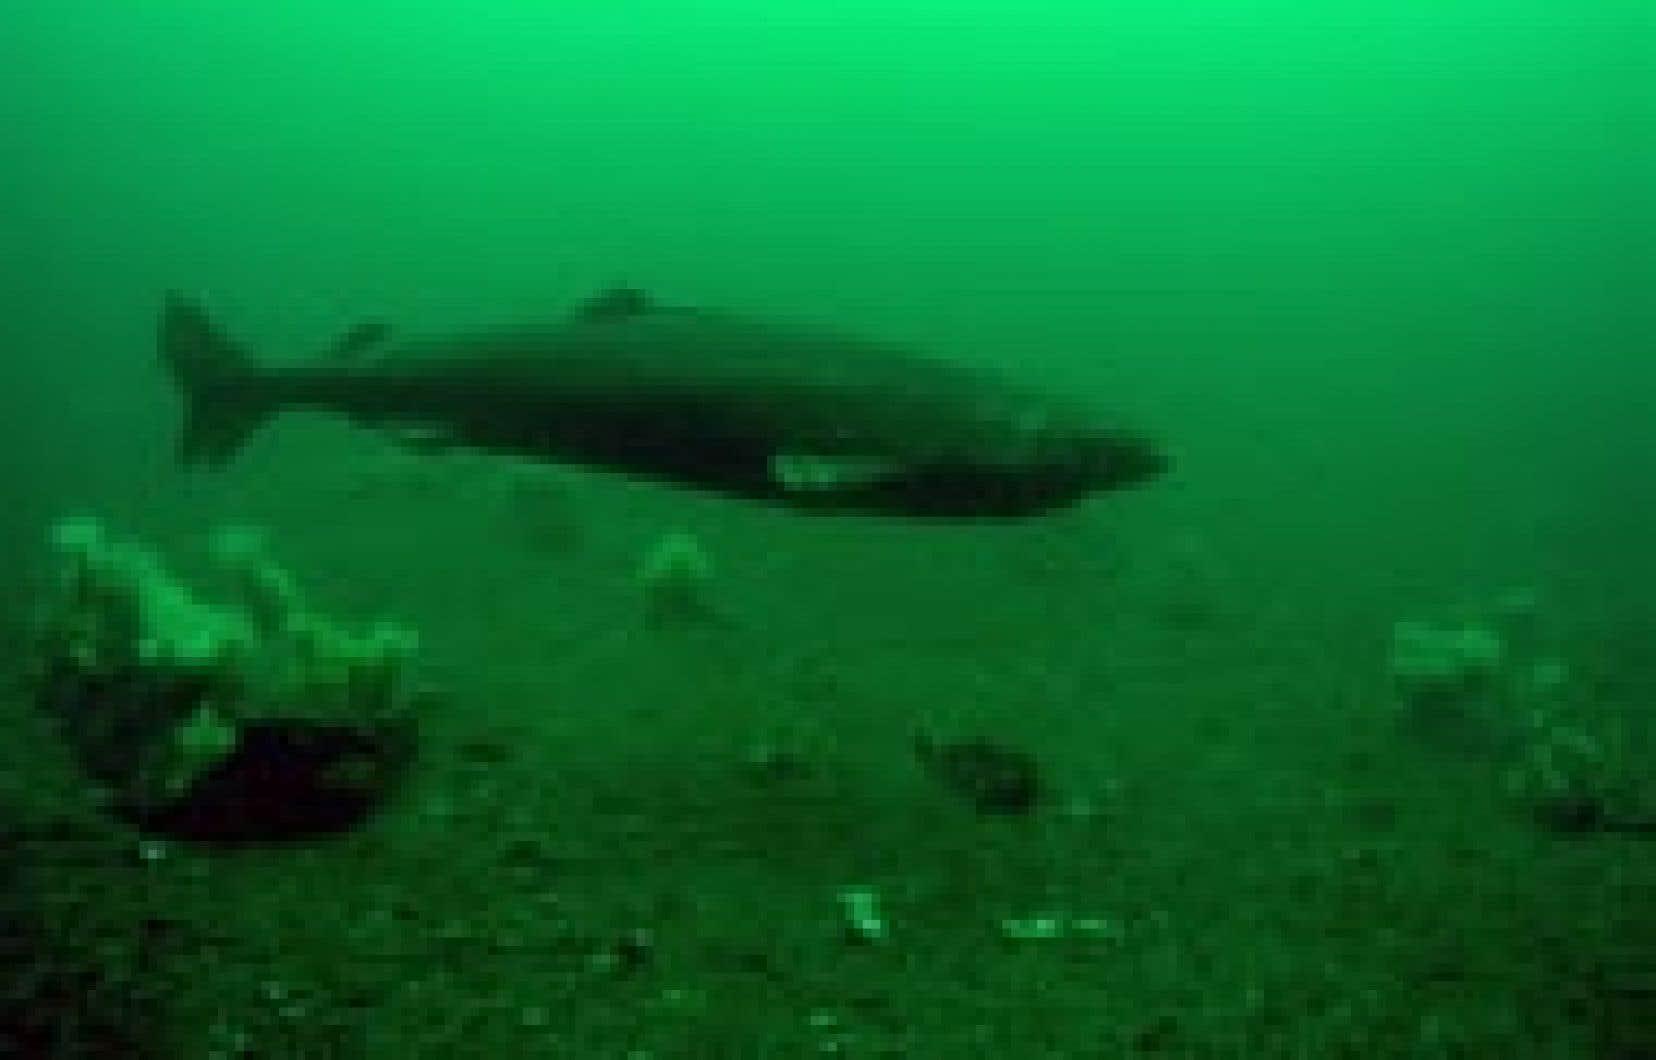 Les requins du Groenland se déplacent très lentement, beaucoup plus lentement que les autres requins, qui peuvent habituellement nager aussi vite qu'un petit bateau, ce qui leur vaut le qualificatif de nonchalant et le nom scientifique de Somniosus m